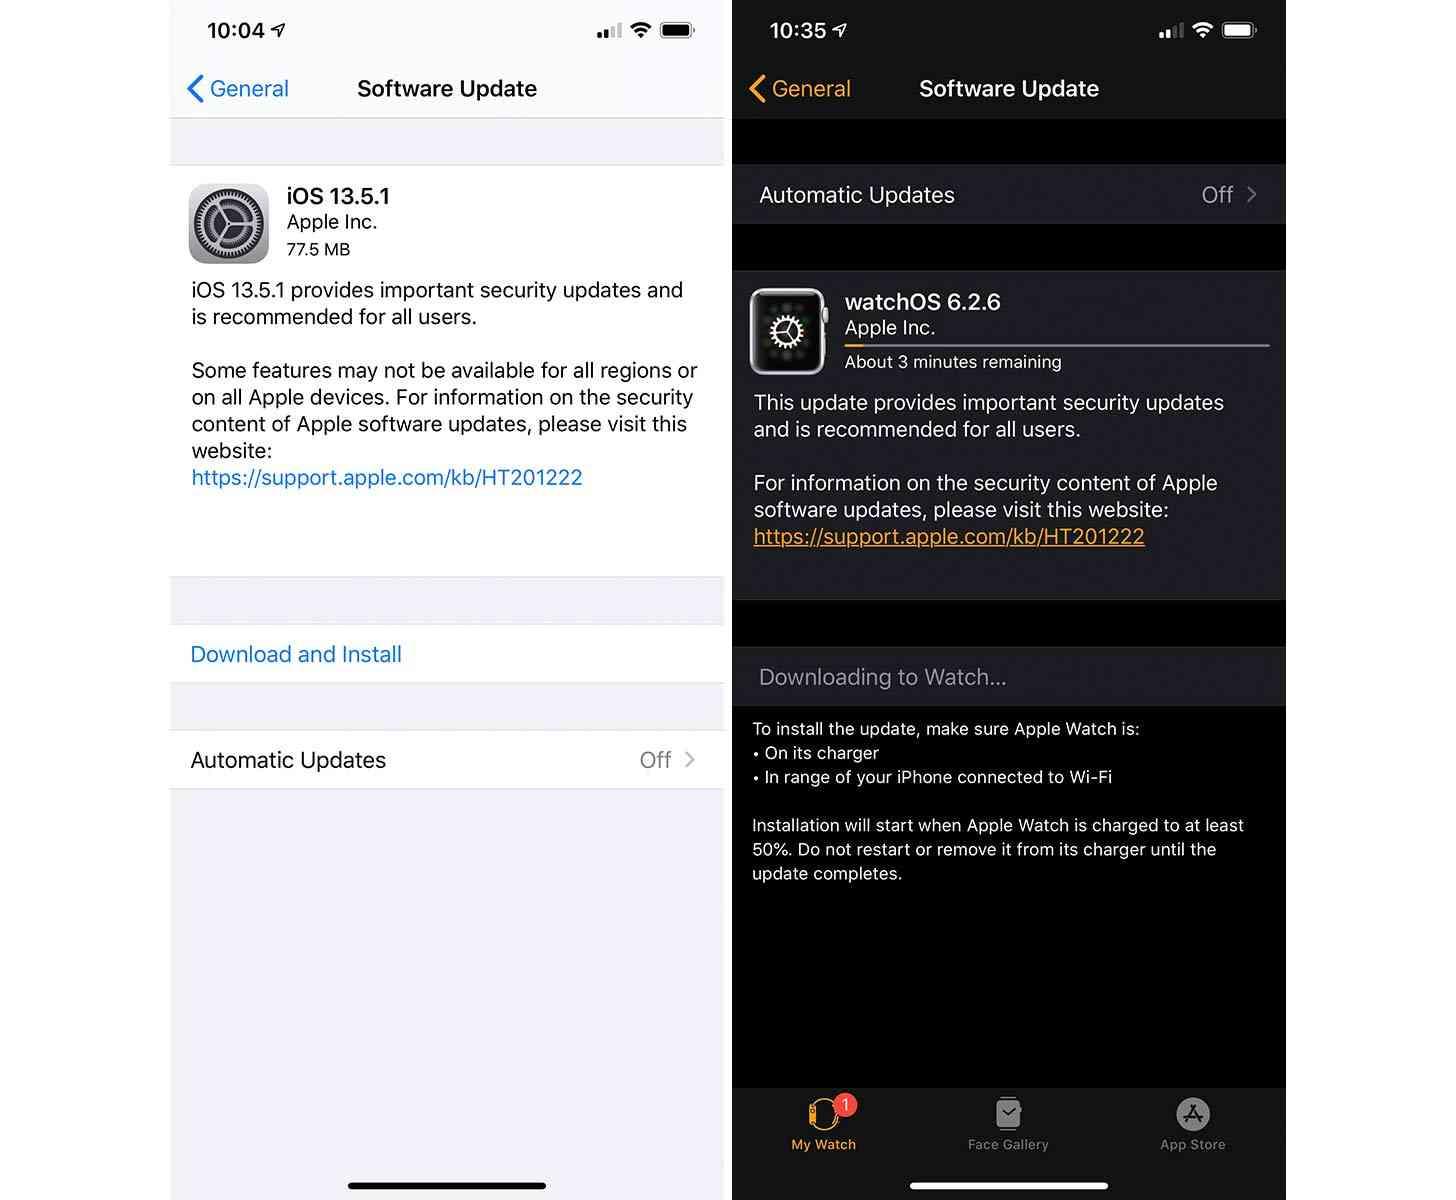 iOS 13.5.1, watchOS 6.2.6 updates